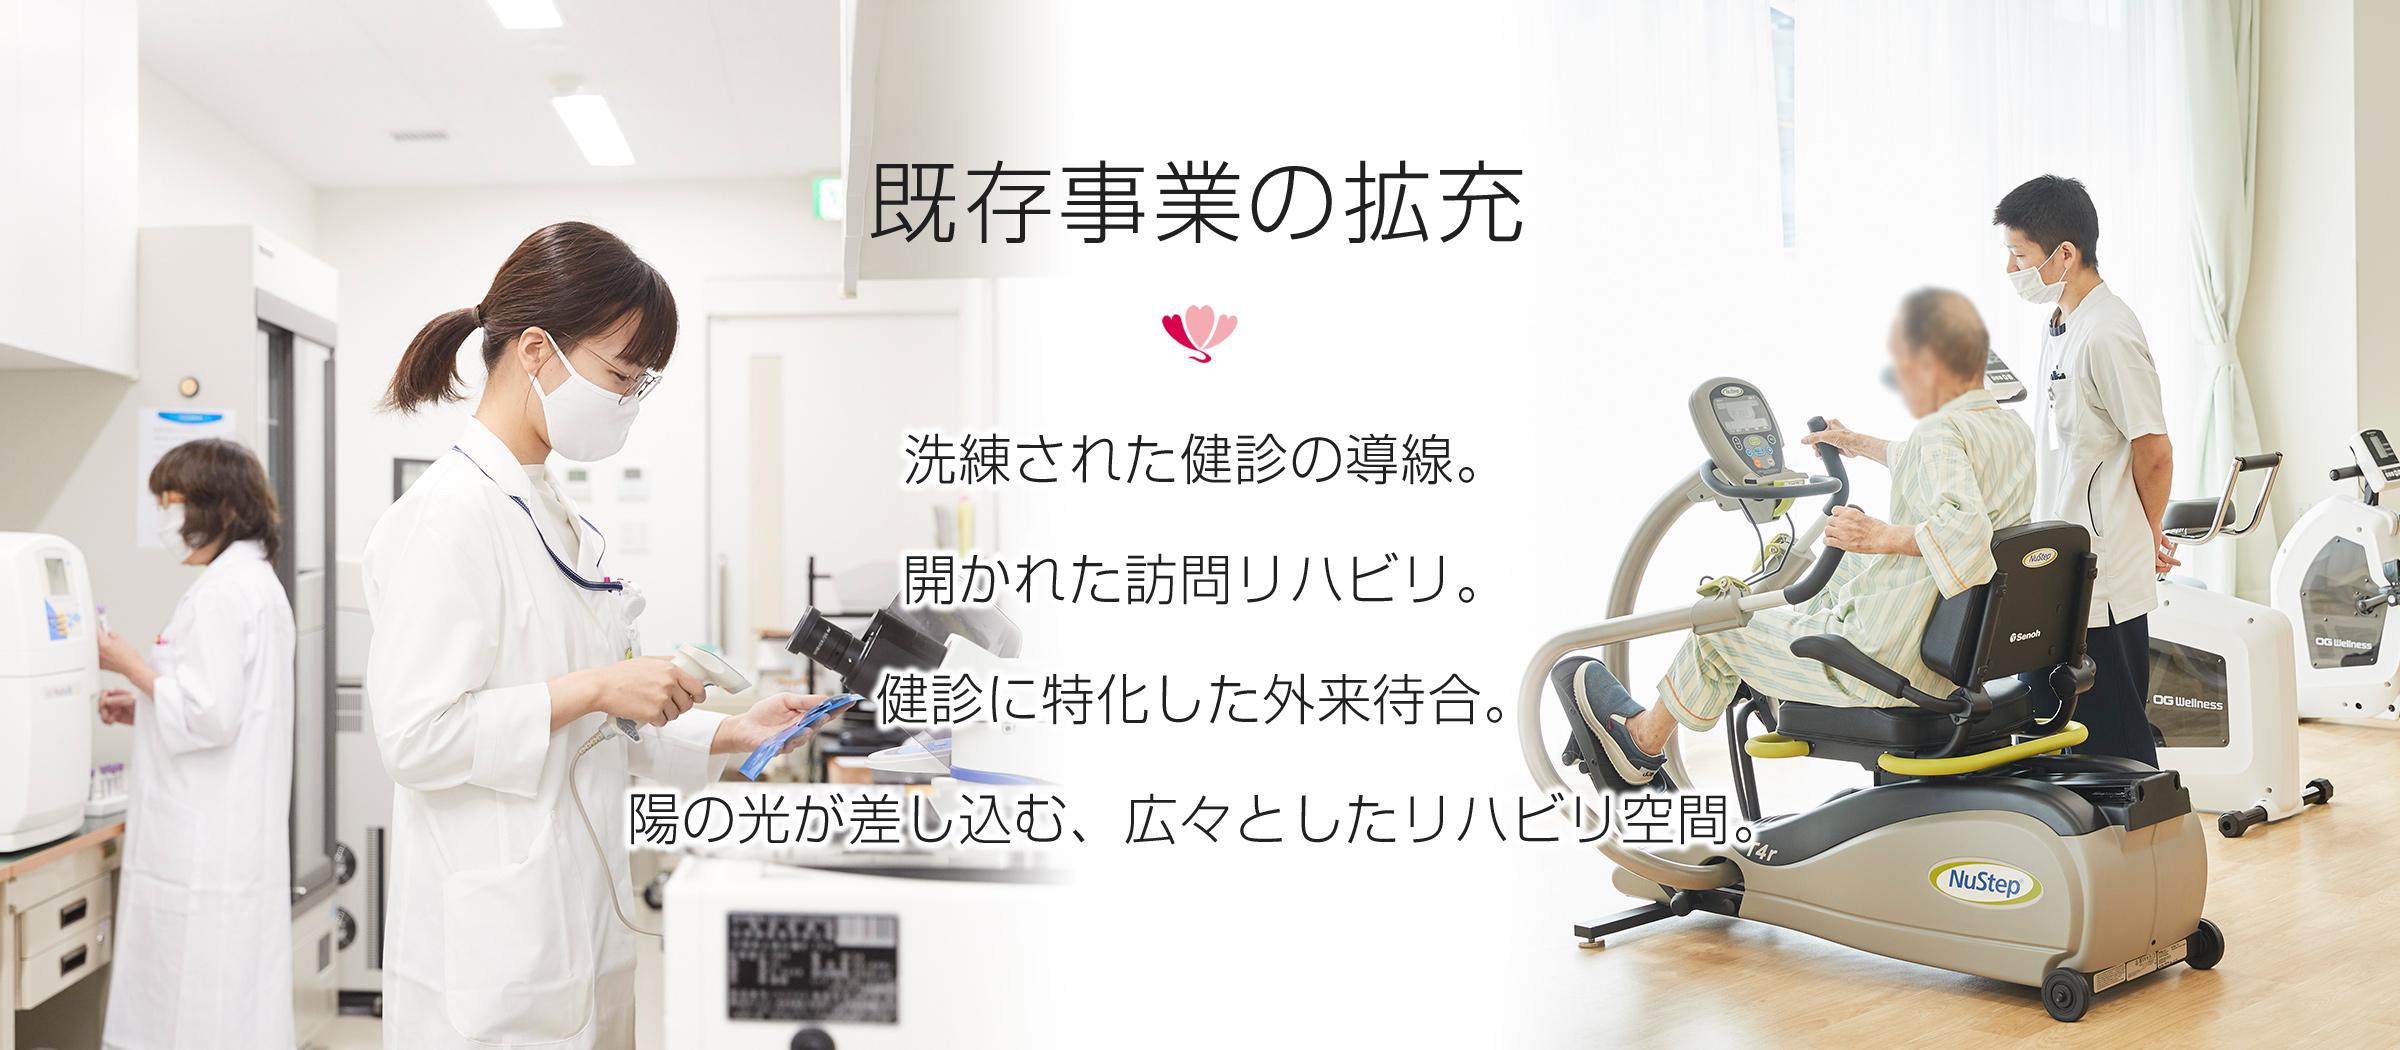 徳山病院 既存事業拡充